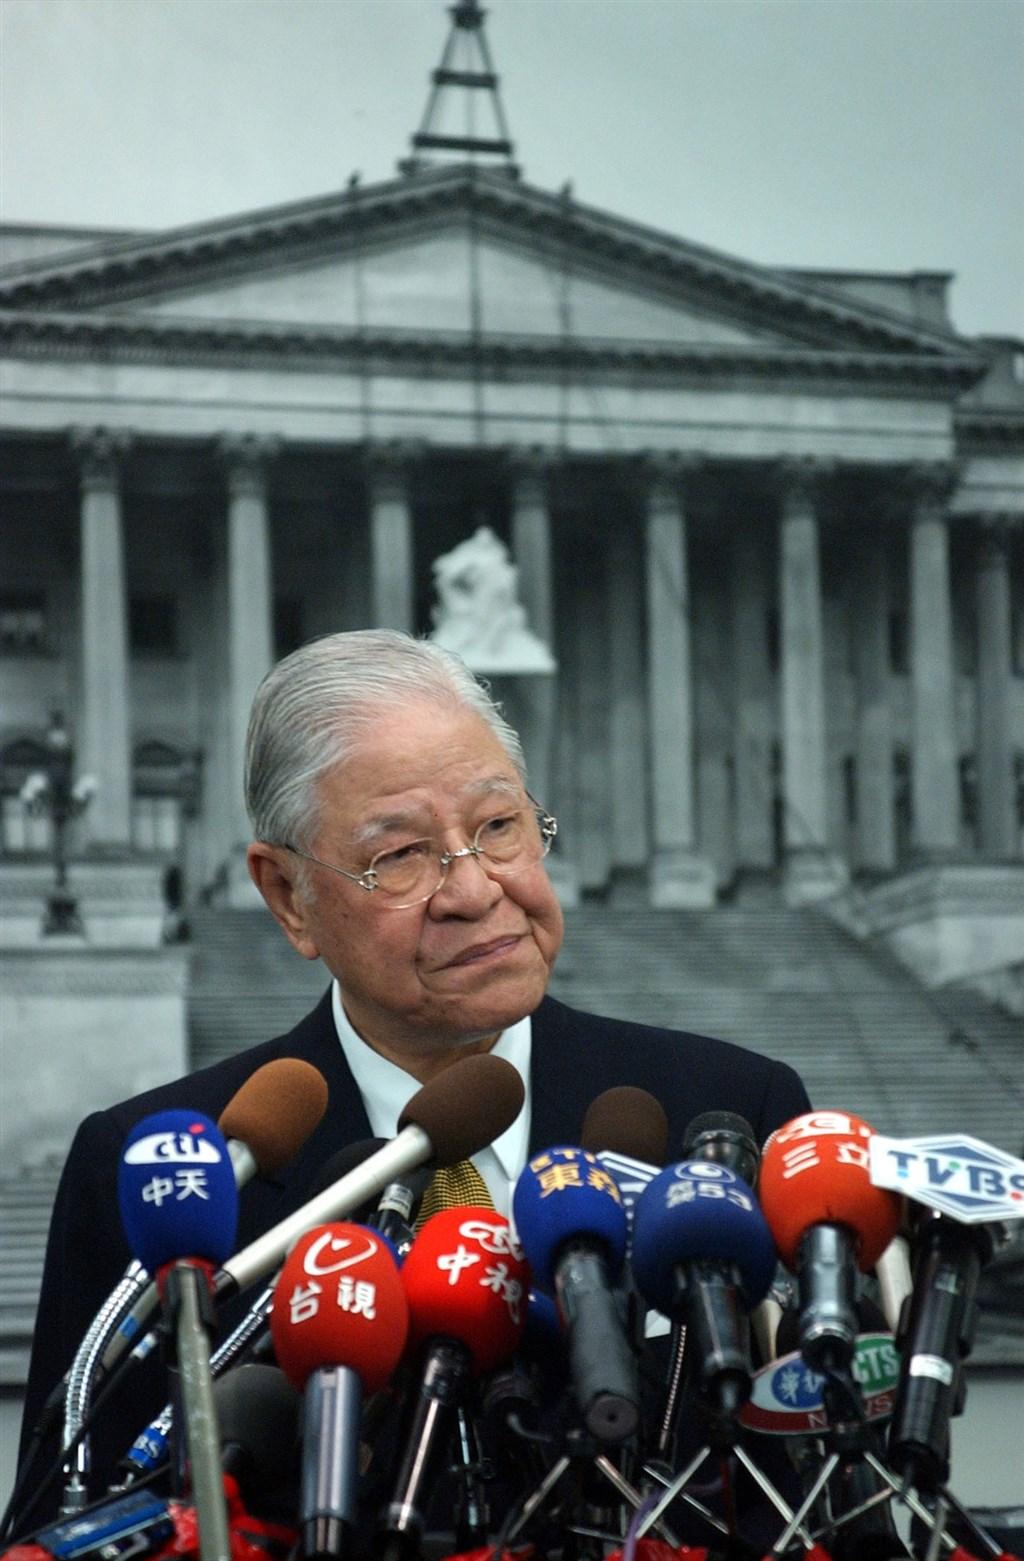 李登輝2005年10月19日在美國國會山莊發表簡短演說,是中華民國首位卸任總統在美國國會發表演說。(中央社檔案照片)